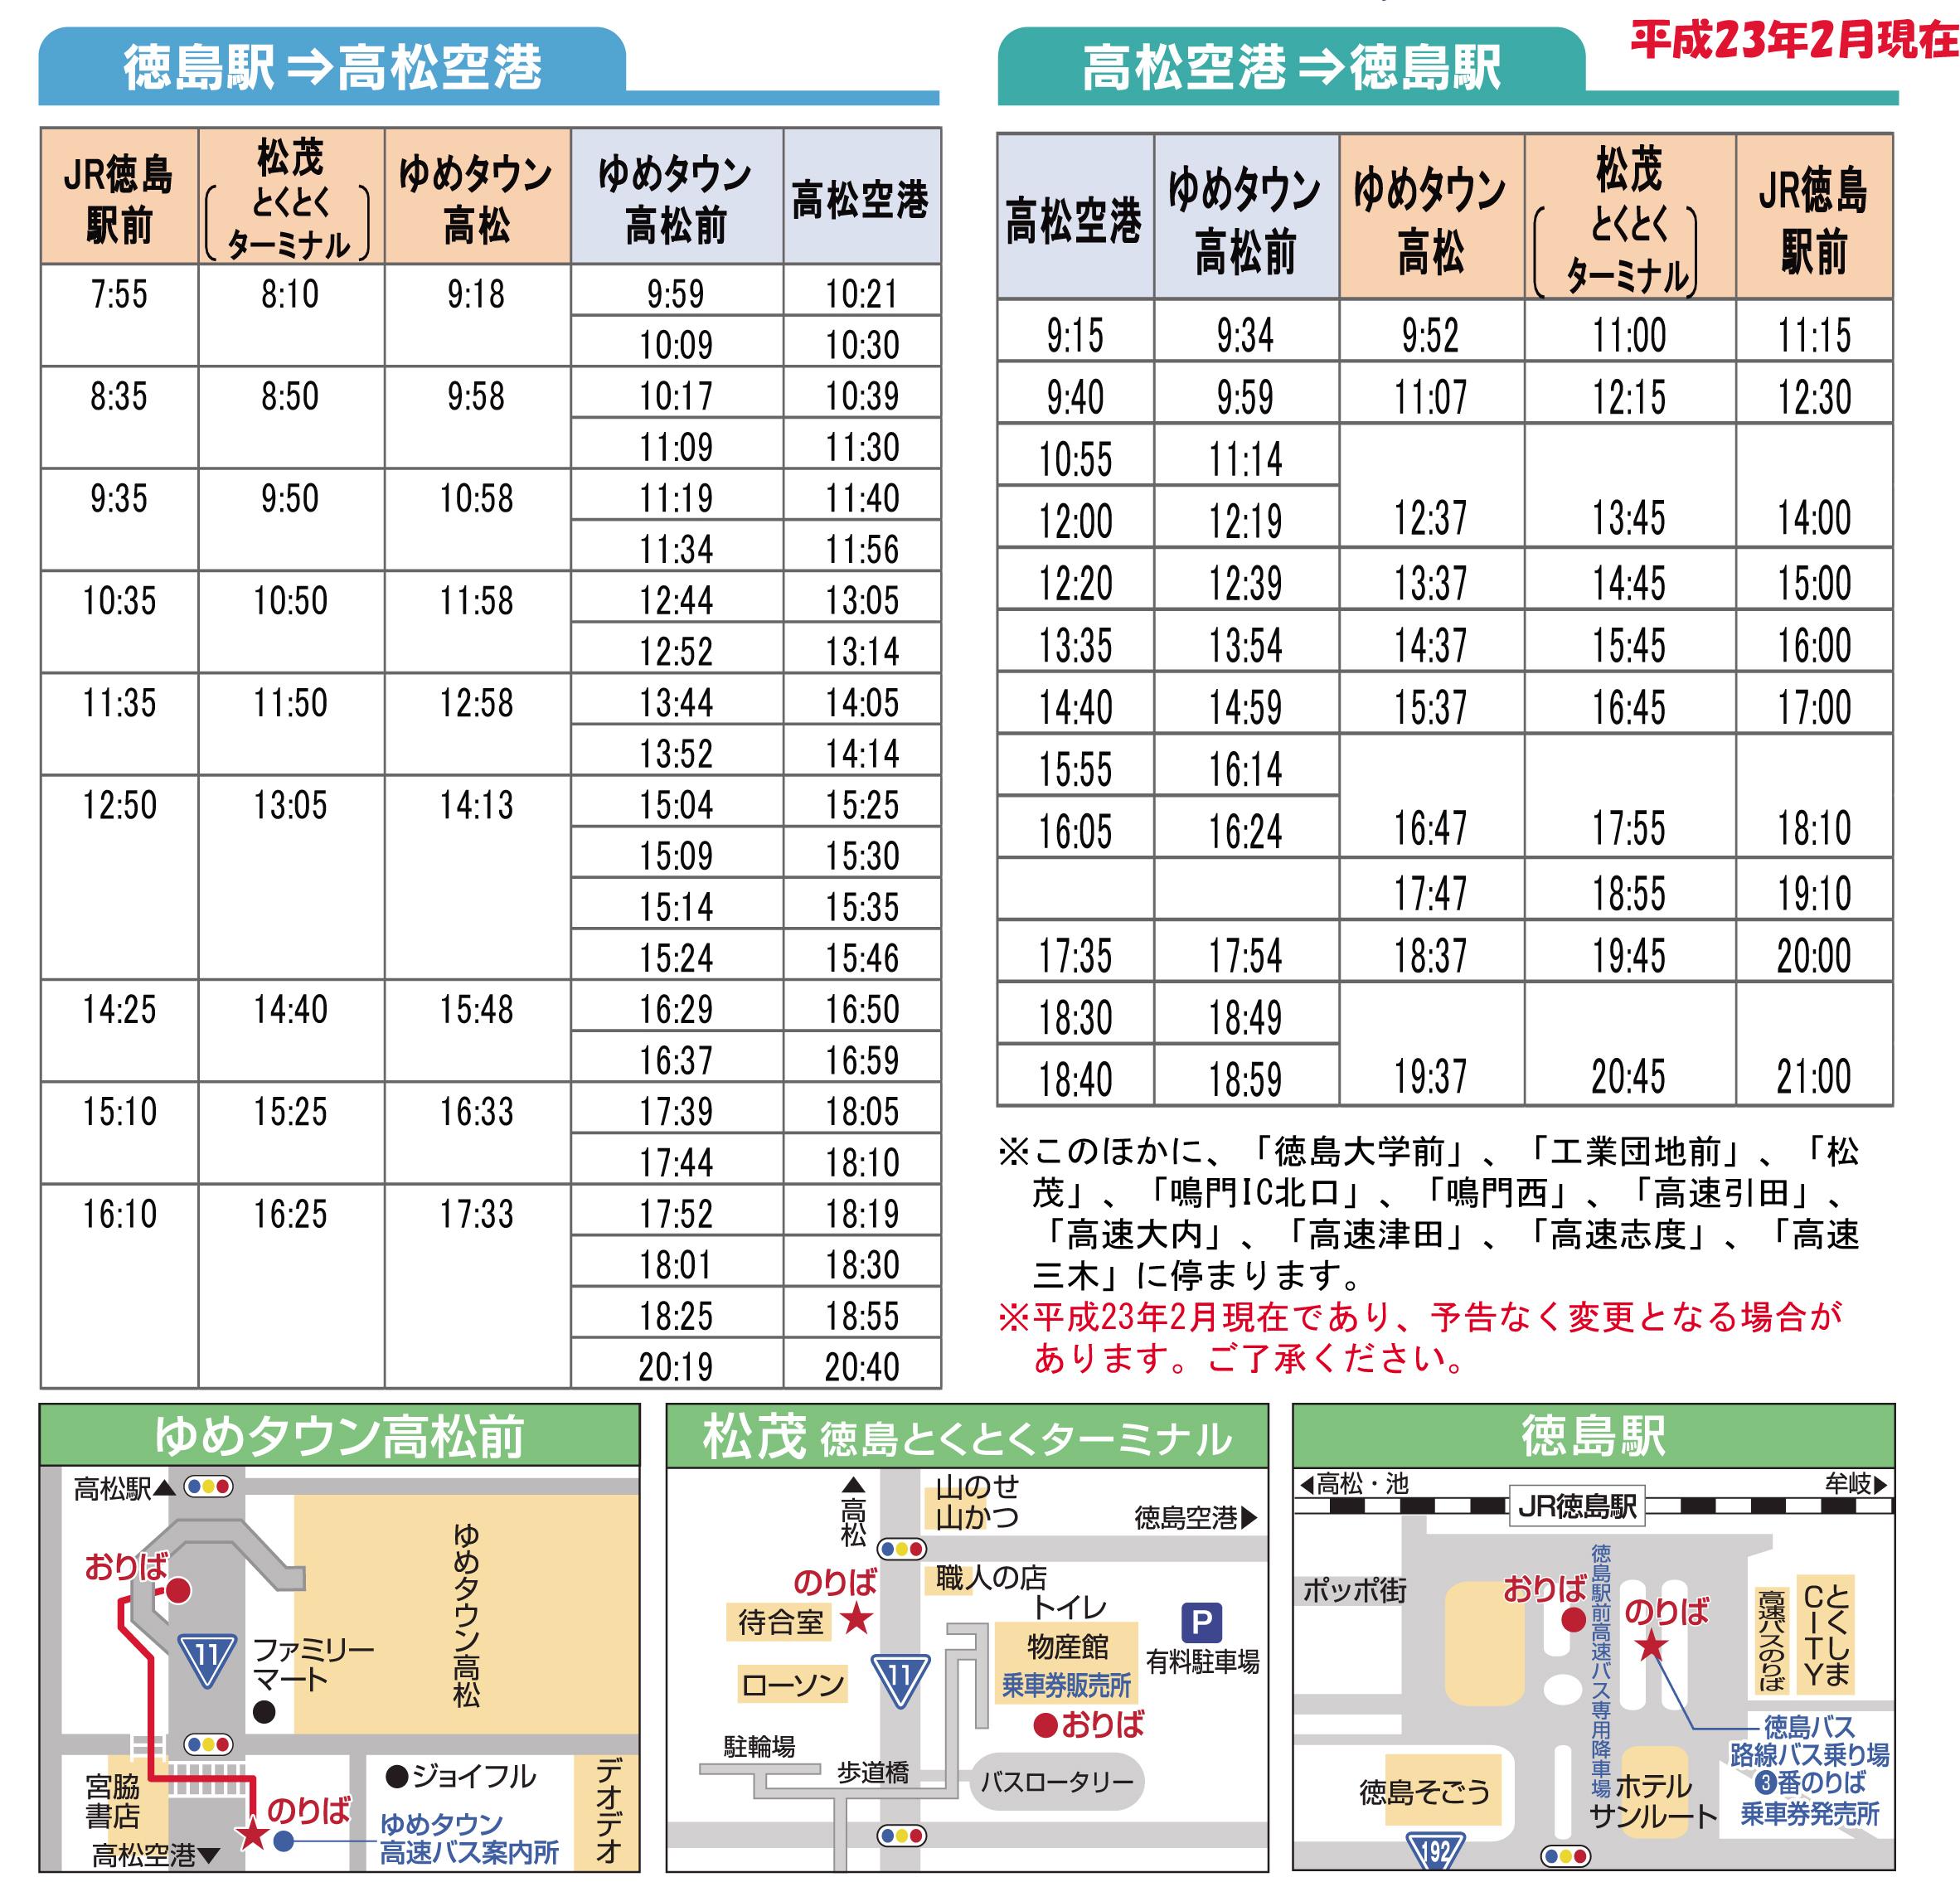 高松机场与JR德岛站的巴士交通信息